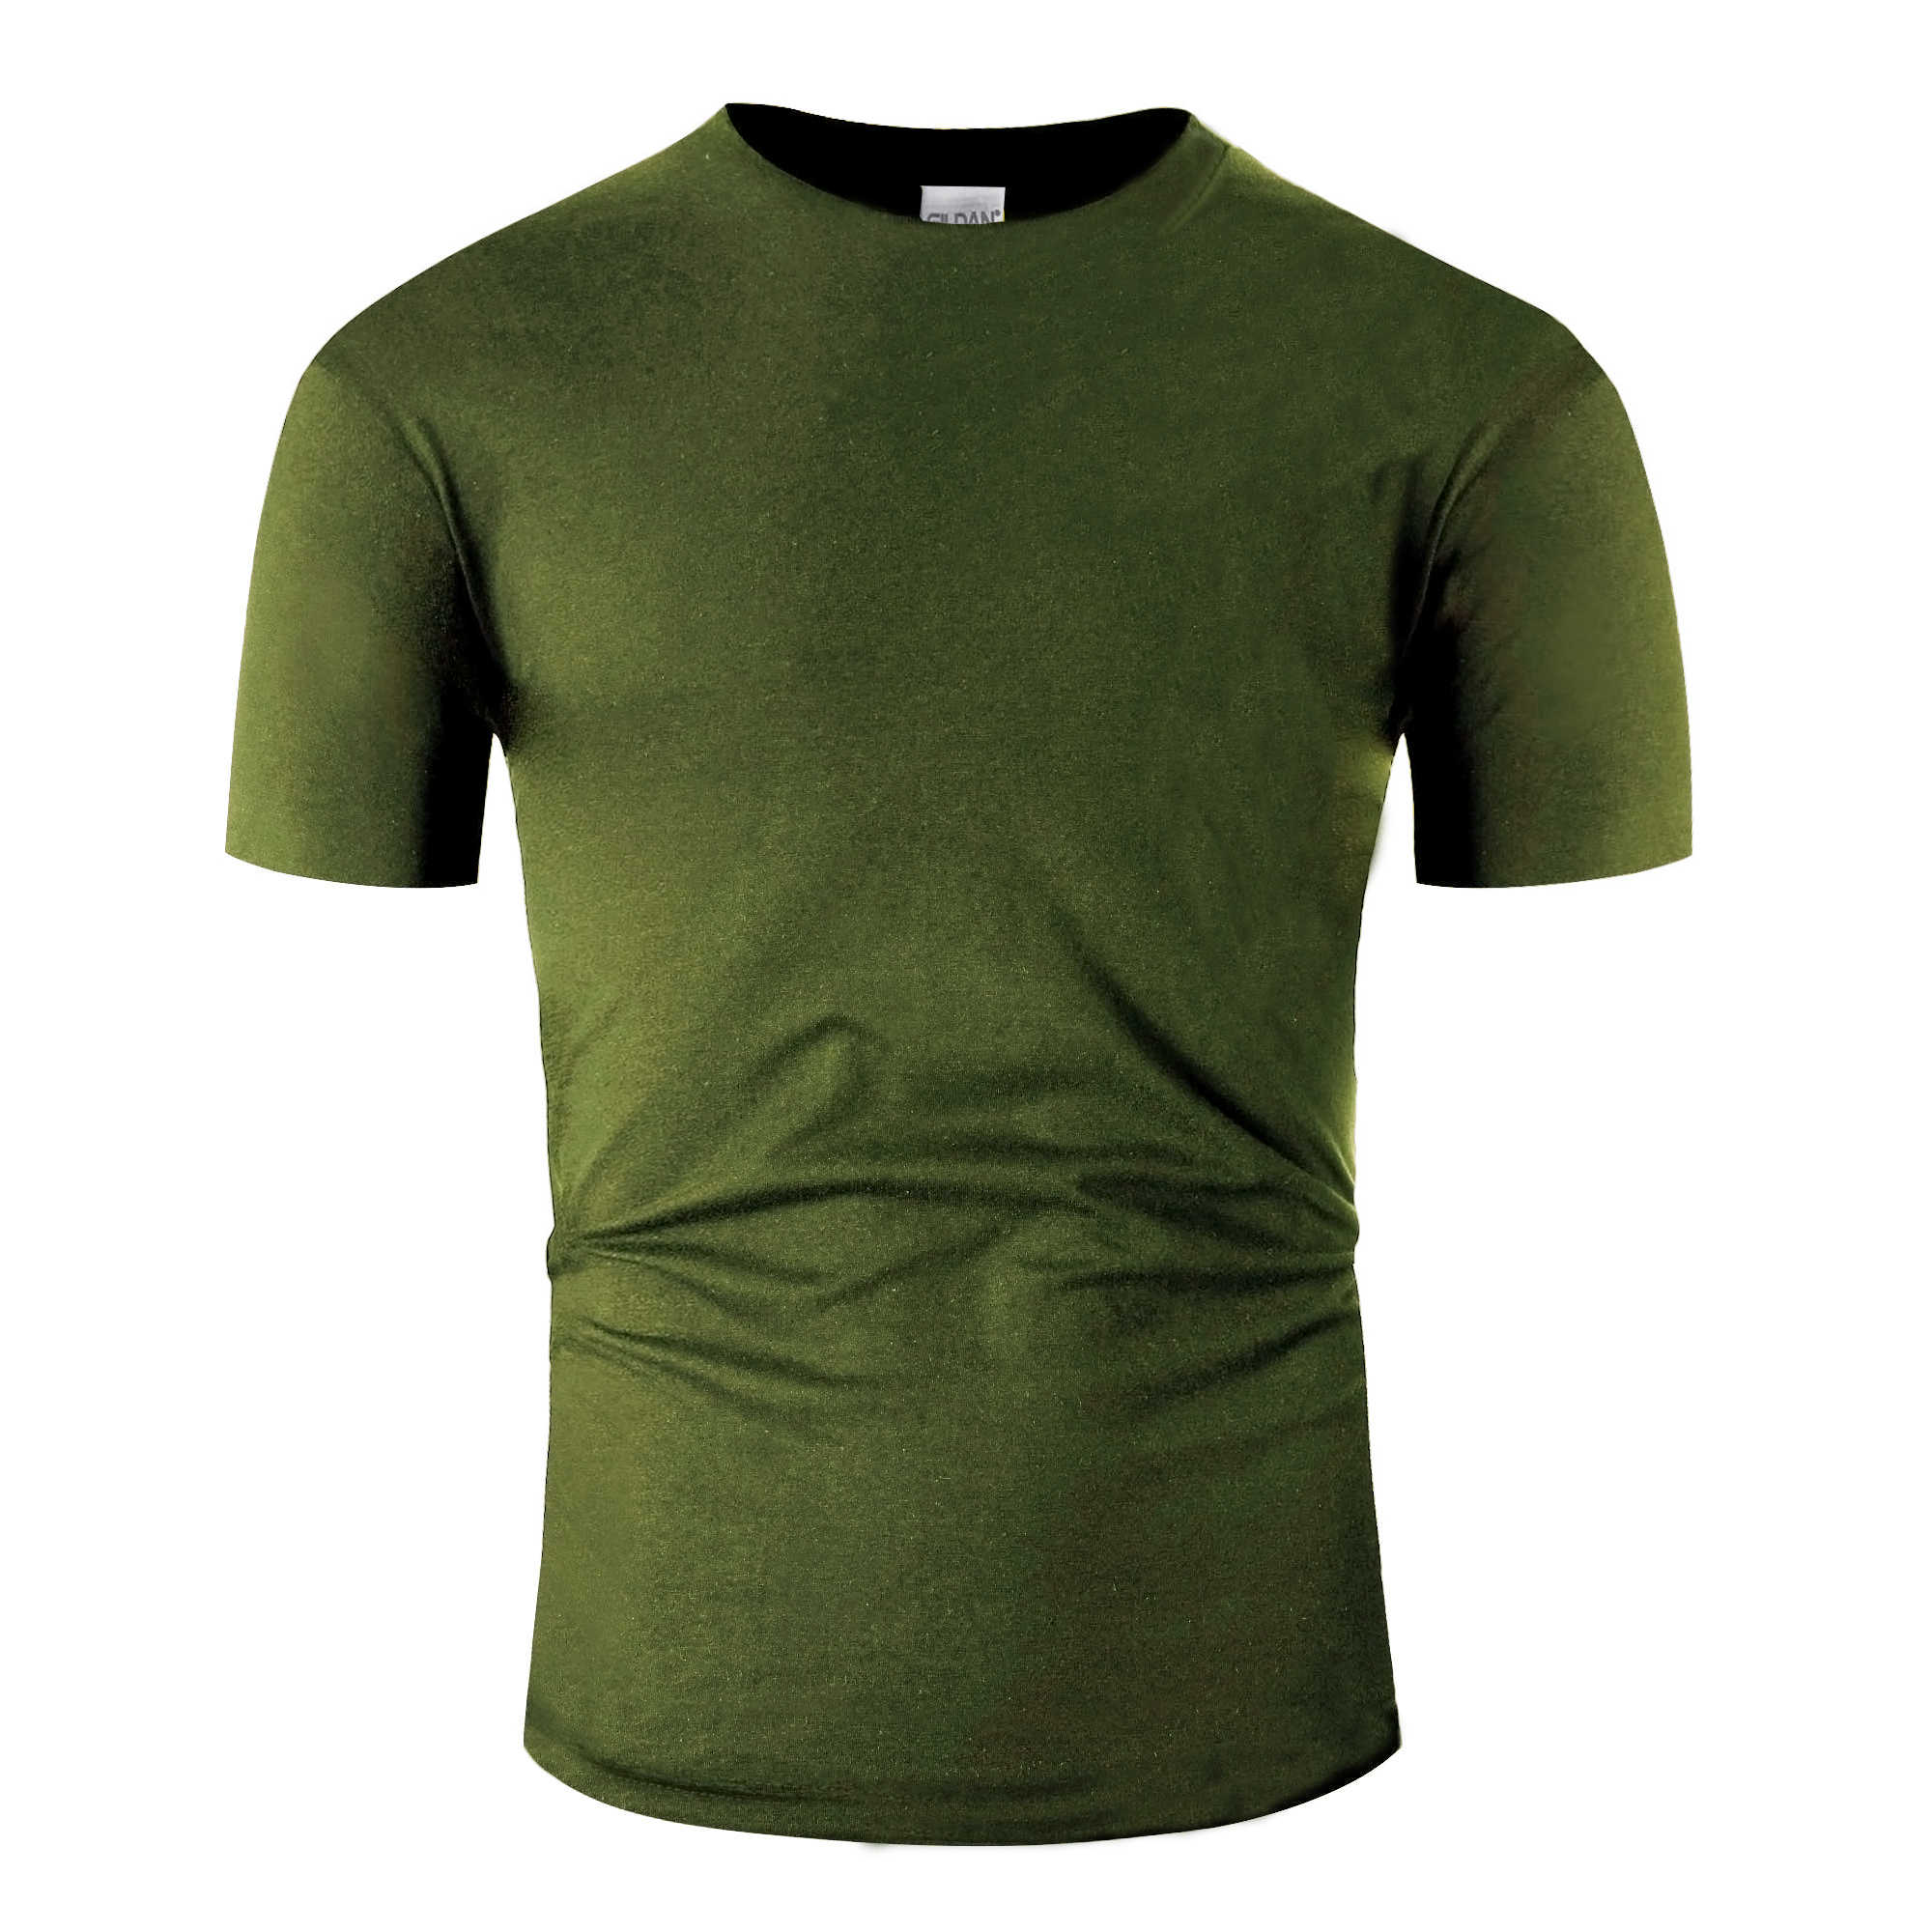 Sea Doo Barcos Jet Camiseta T dos homens Da Marca 100% Algodão Homens Roupa Masculina Camiseta Brasão Slim Fit Tops Roupas